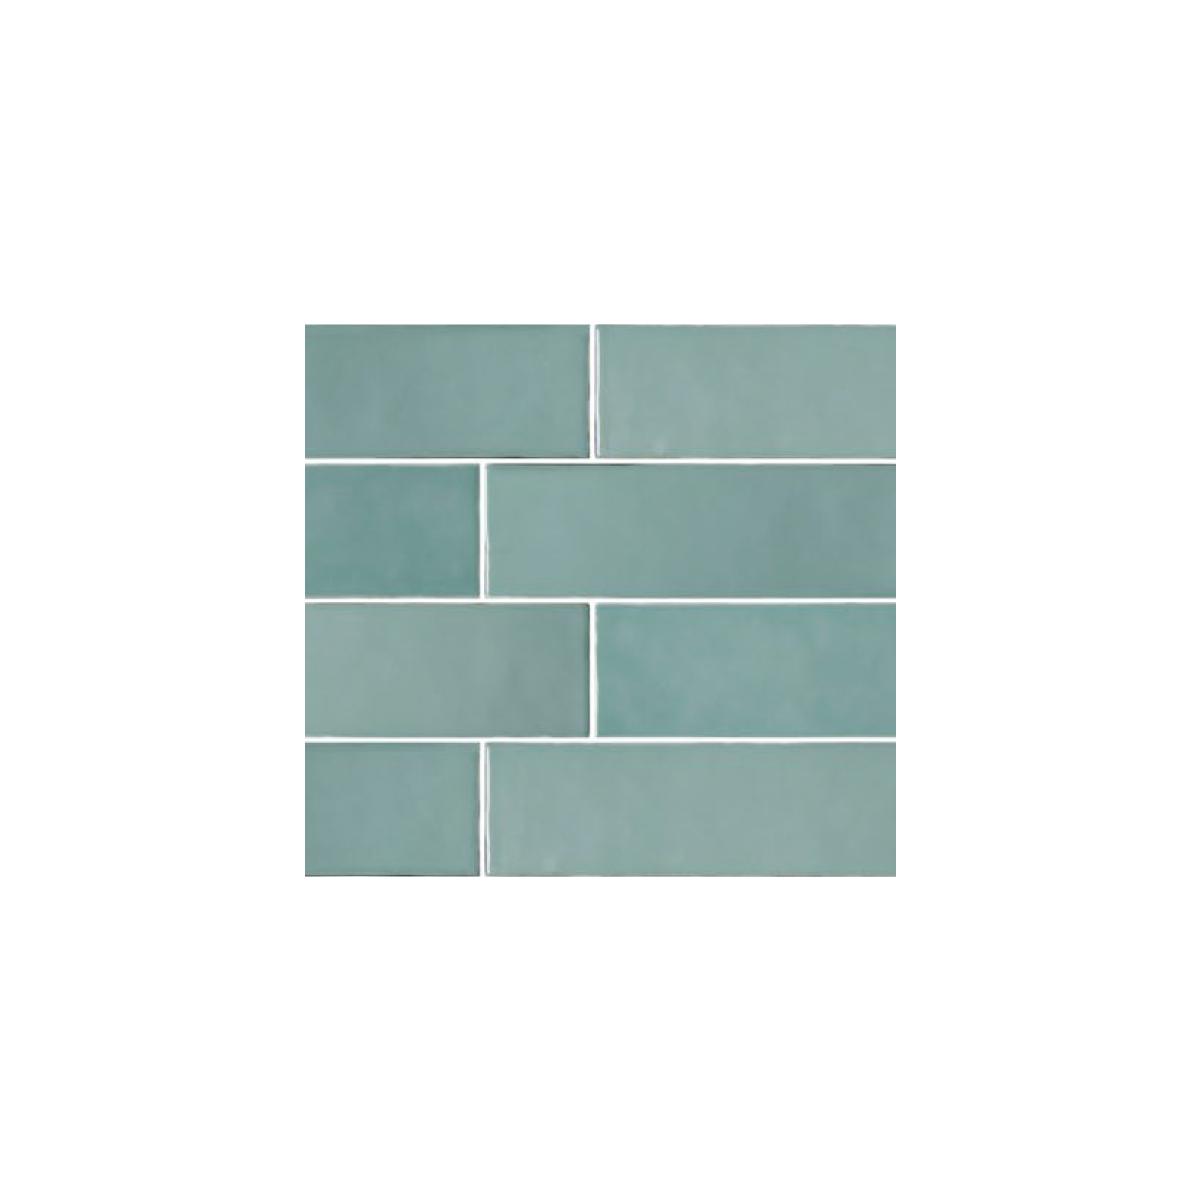 Casablanca - Mint - Subway Feature Tiles